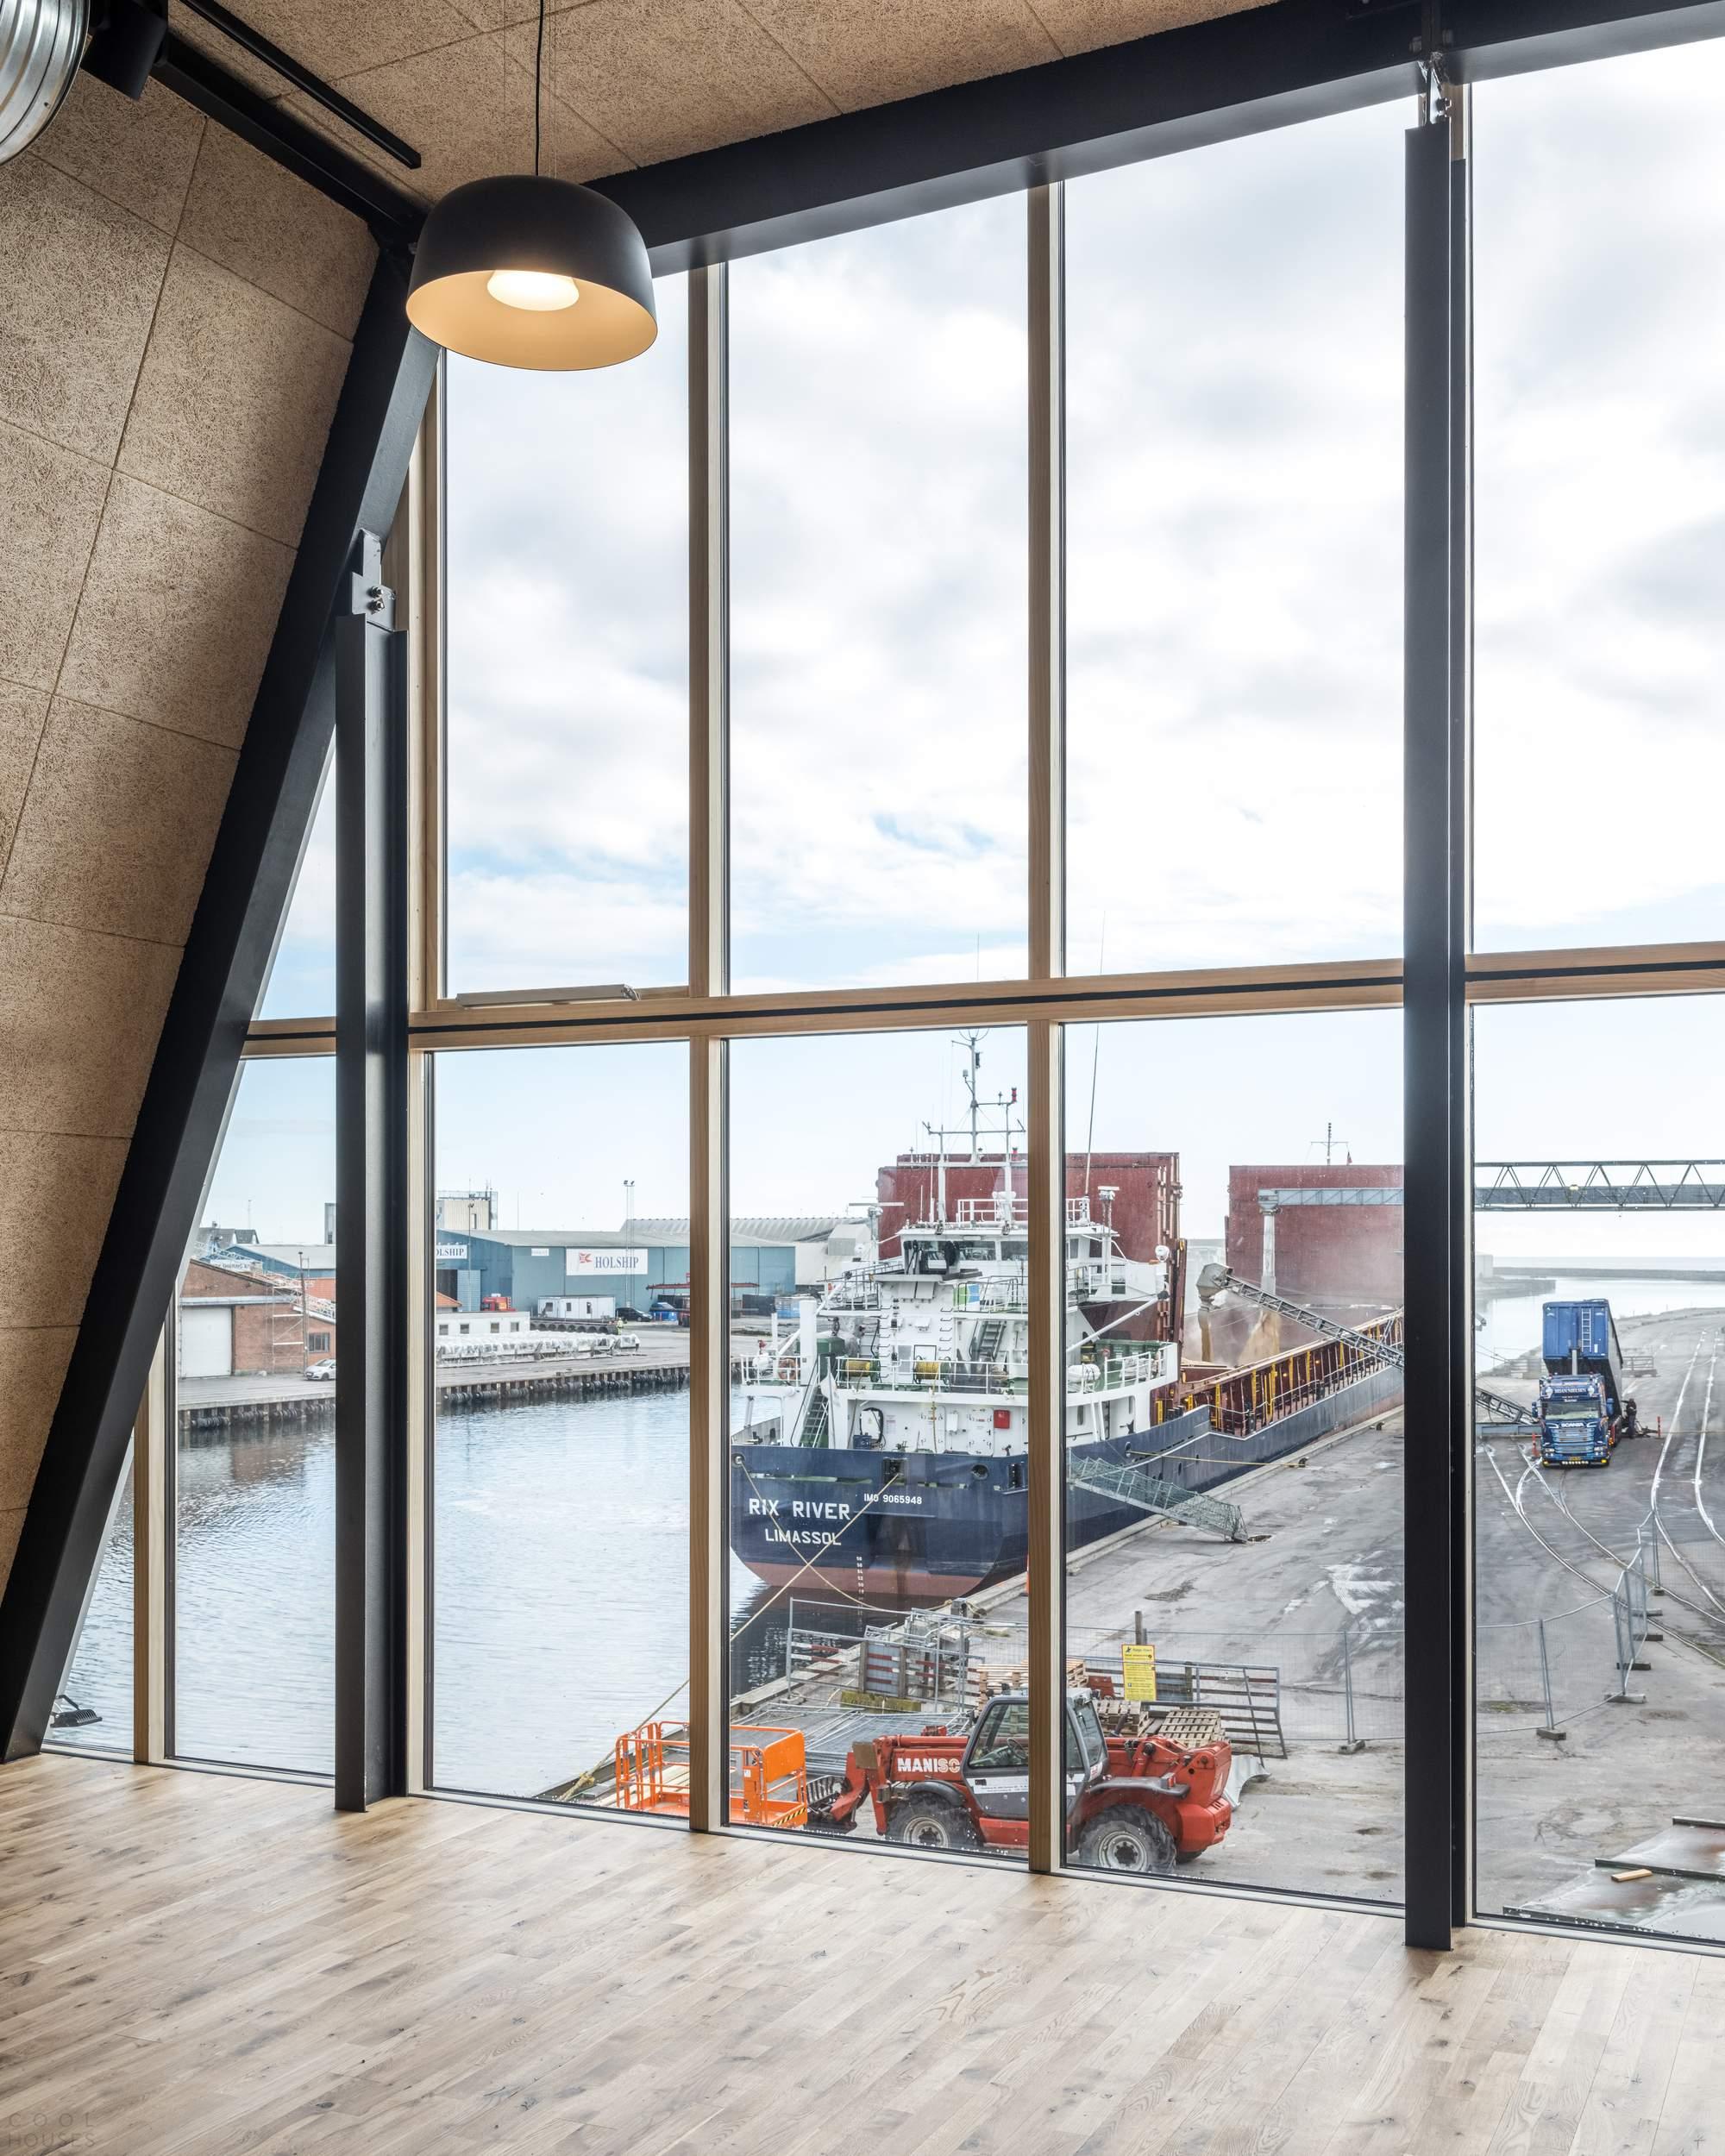 Тапхаус Braunstein с морской индустриальной атмосферой, Дания